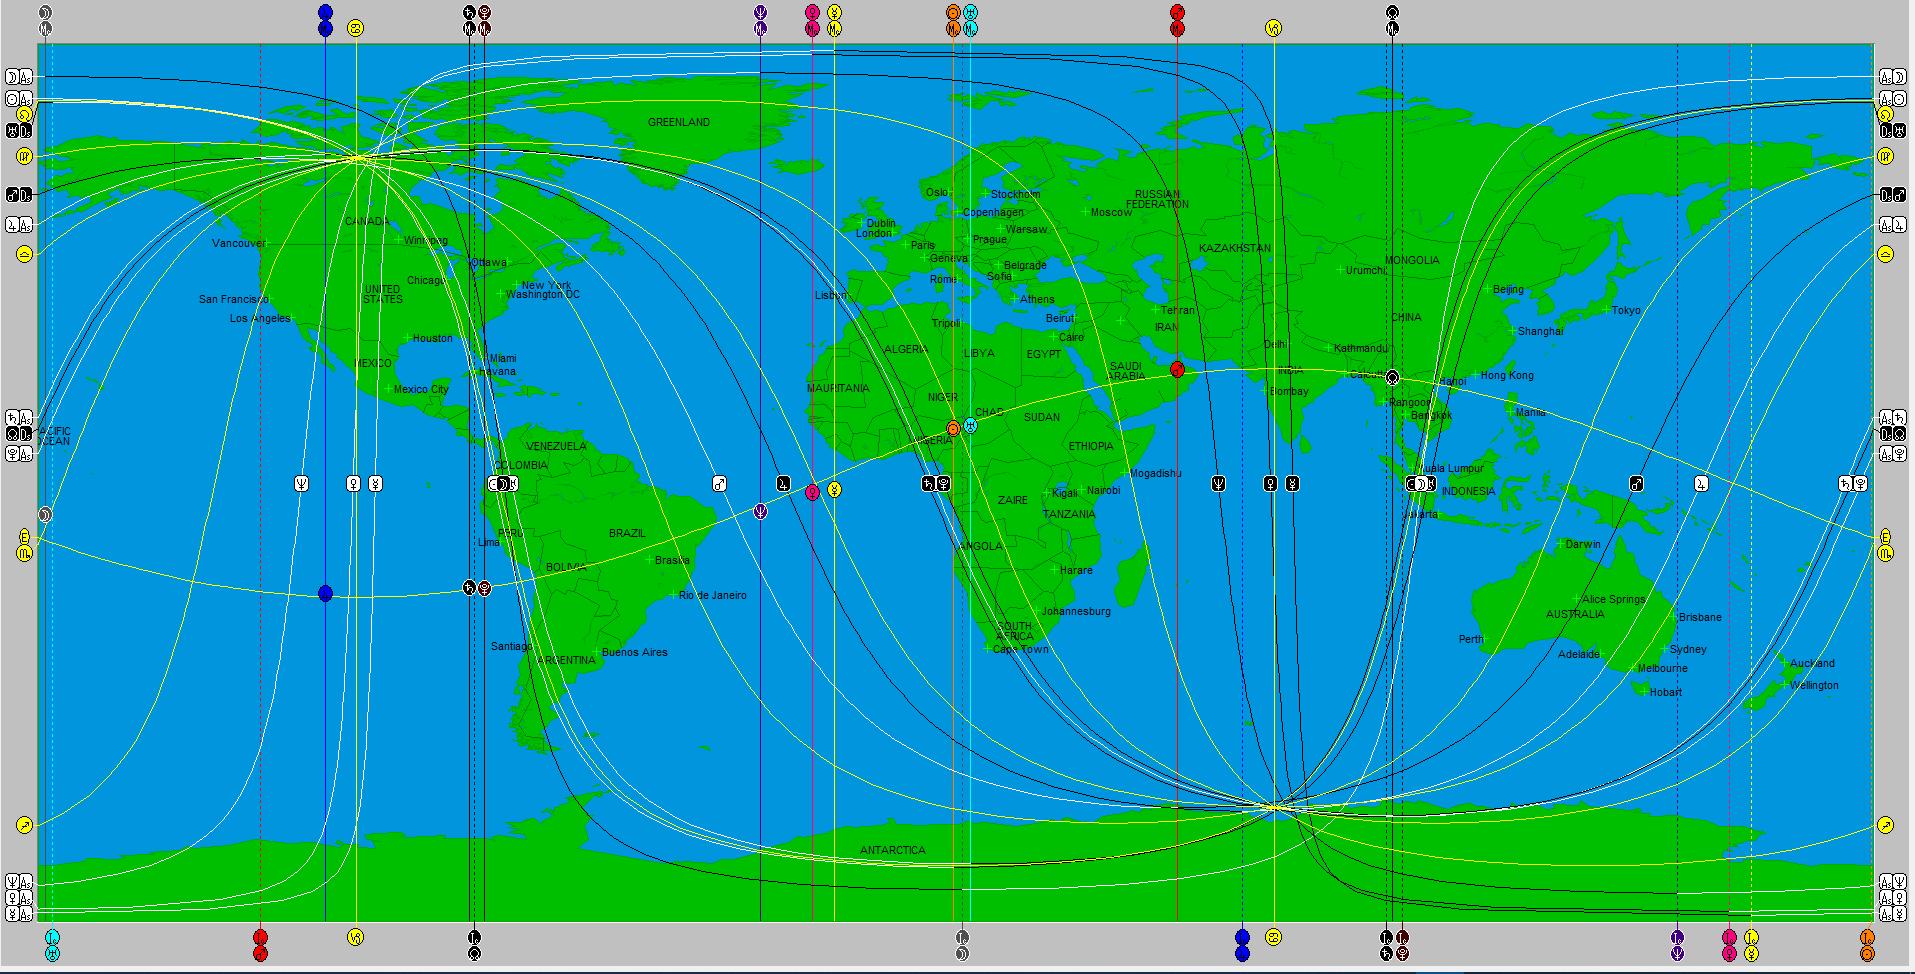 Χάρτης Αστρογεωγραφίας